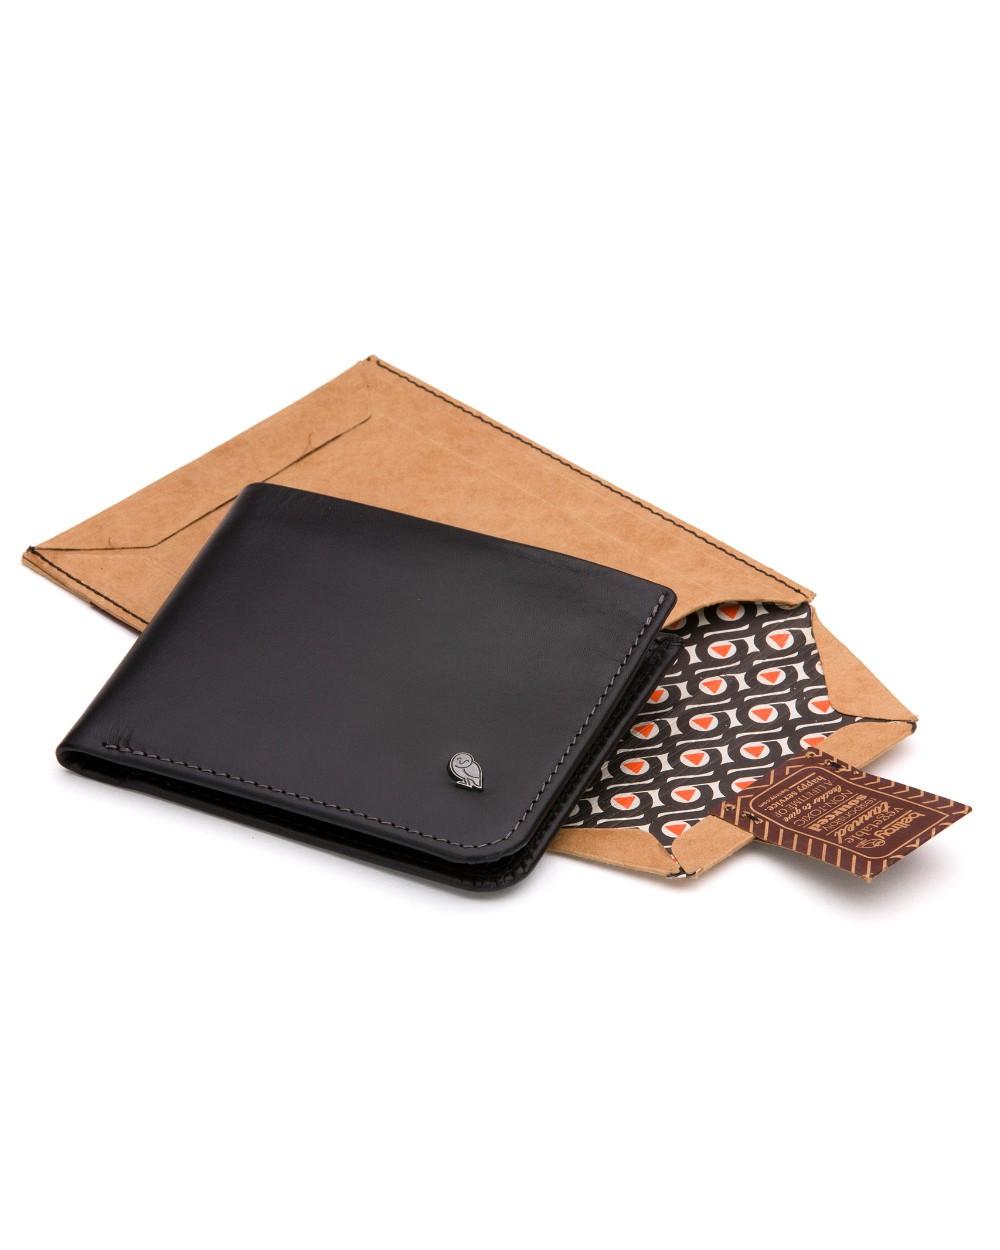 Bellroy Hide and Seek Wallet in Black